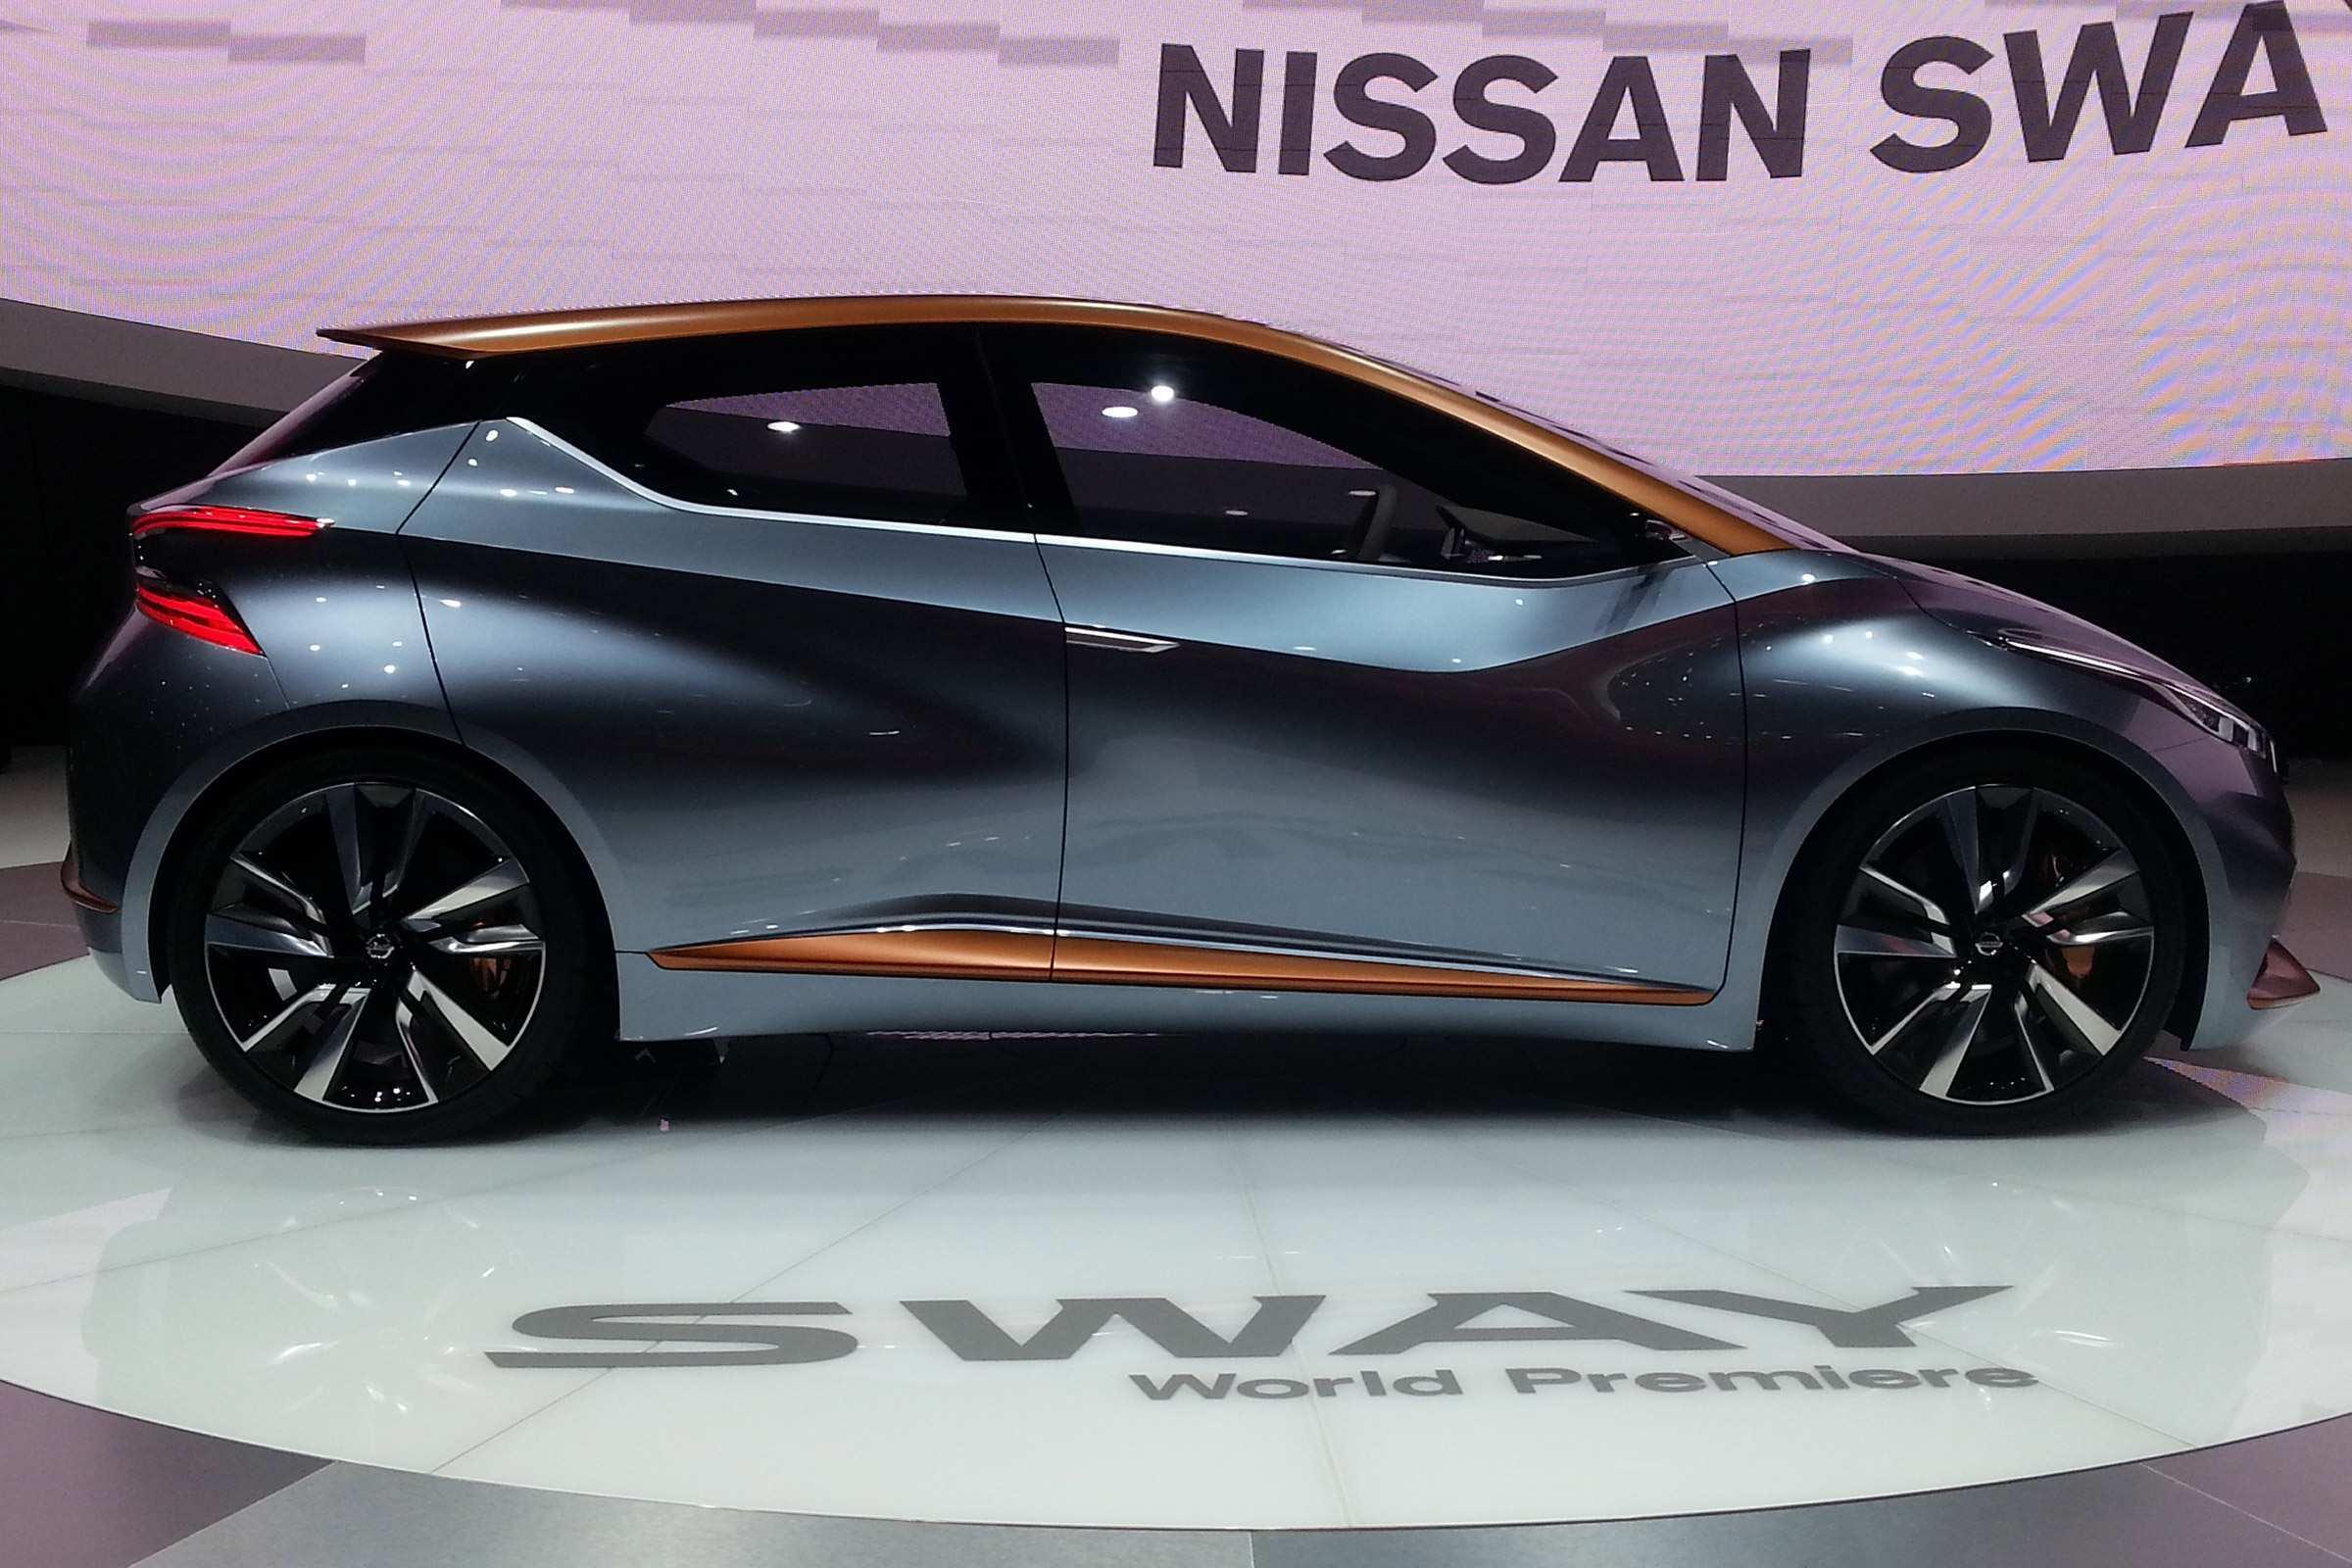 79 Great Nissan Autonomous 2020 Price and Review for Nissan Autonomous 2020